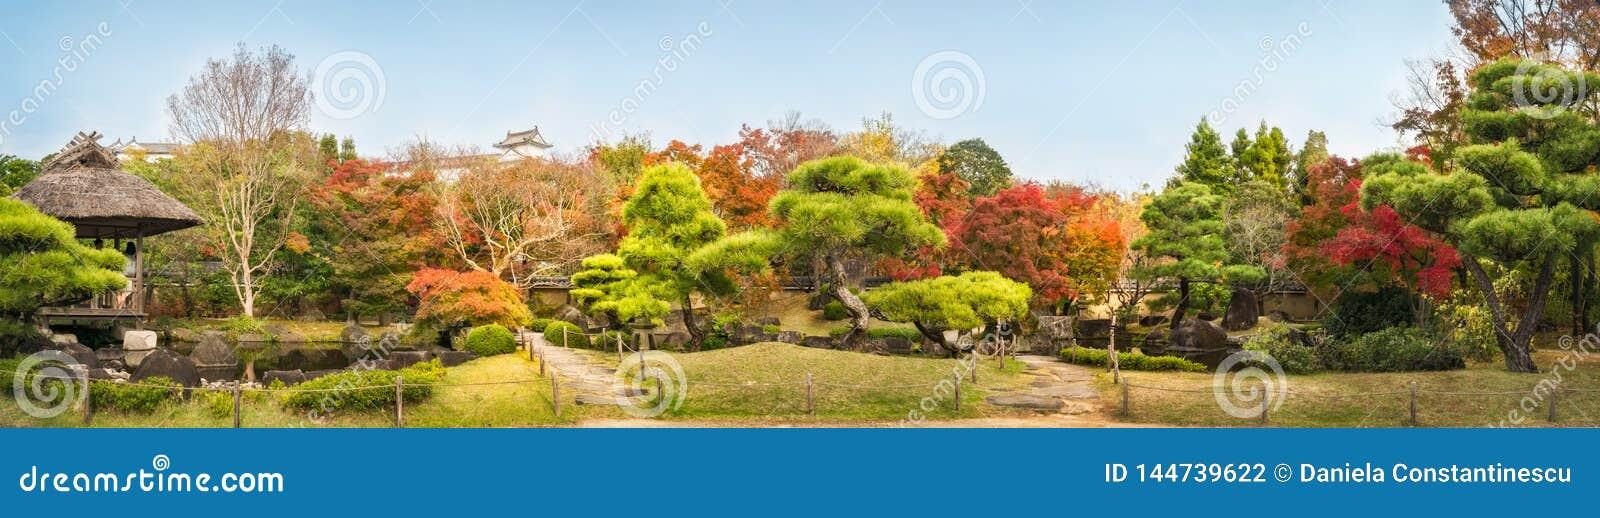 Panorama do jardim do estilo chinês no outono nos jardins Koko-en japoneses em Himeji, Japão